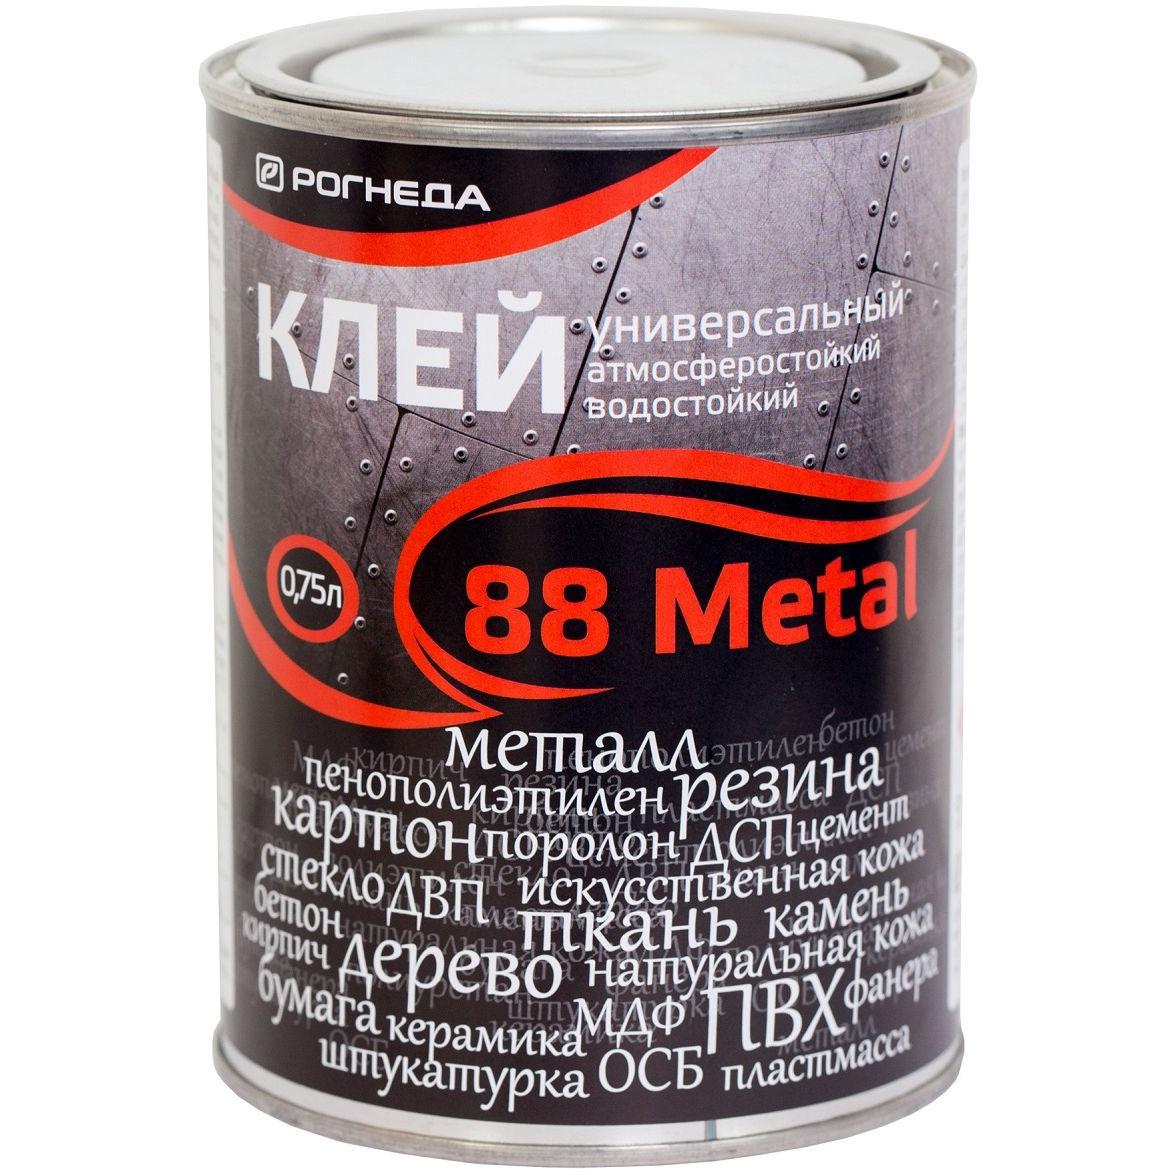 """Фото 1 - Клей """"88 Металл"""" (88 Metal) универсальный водостойкий  [0,75 л - уп. 6 шт] Рогнеда."""